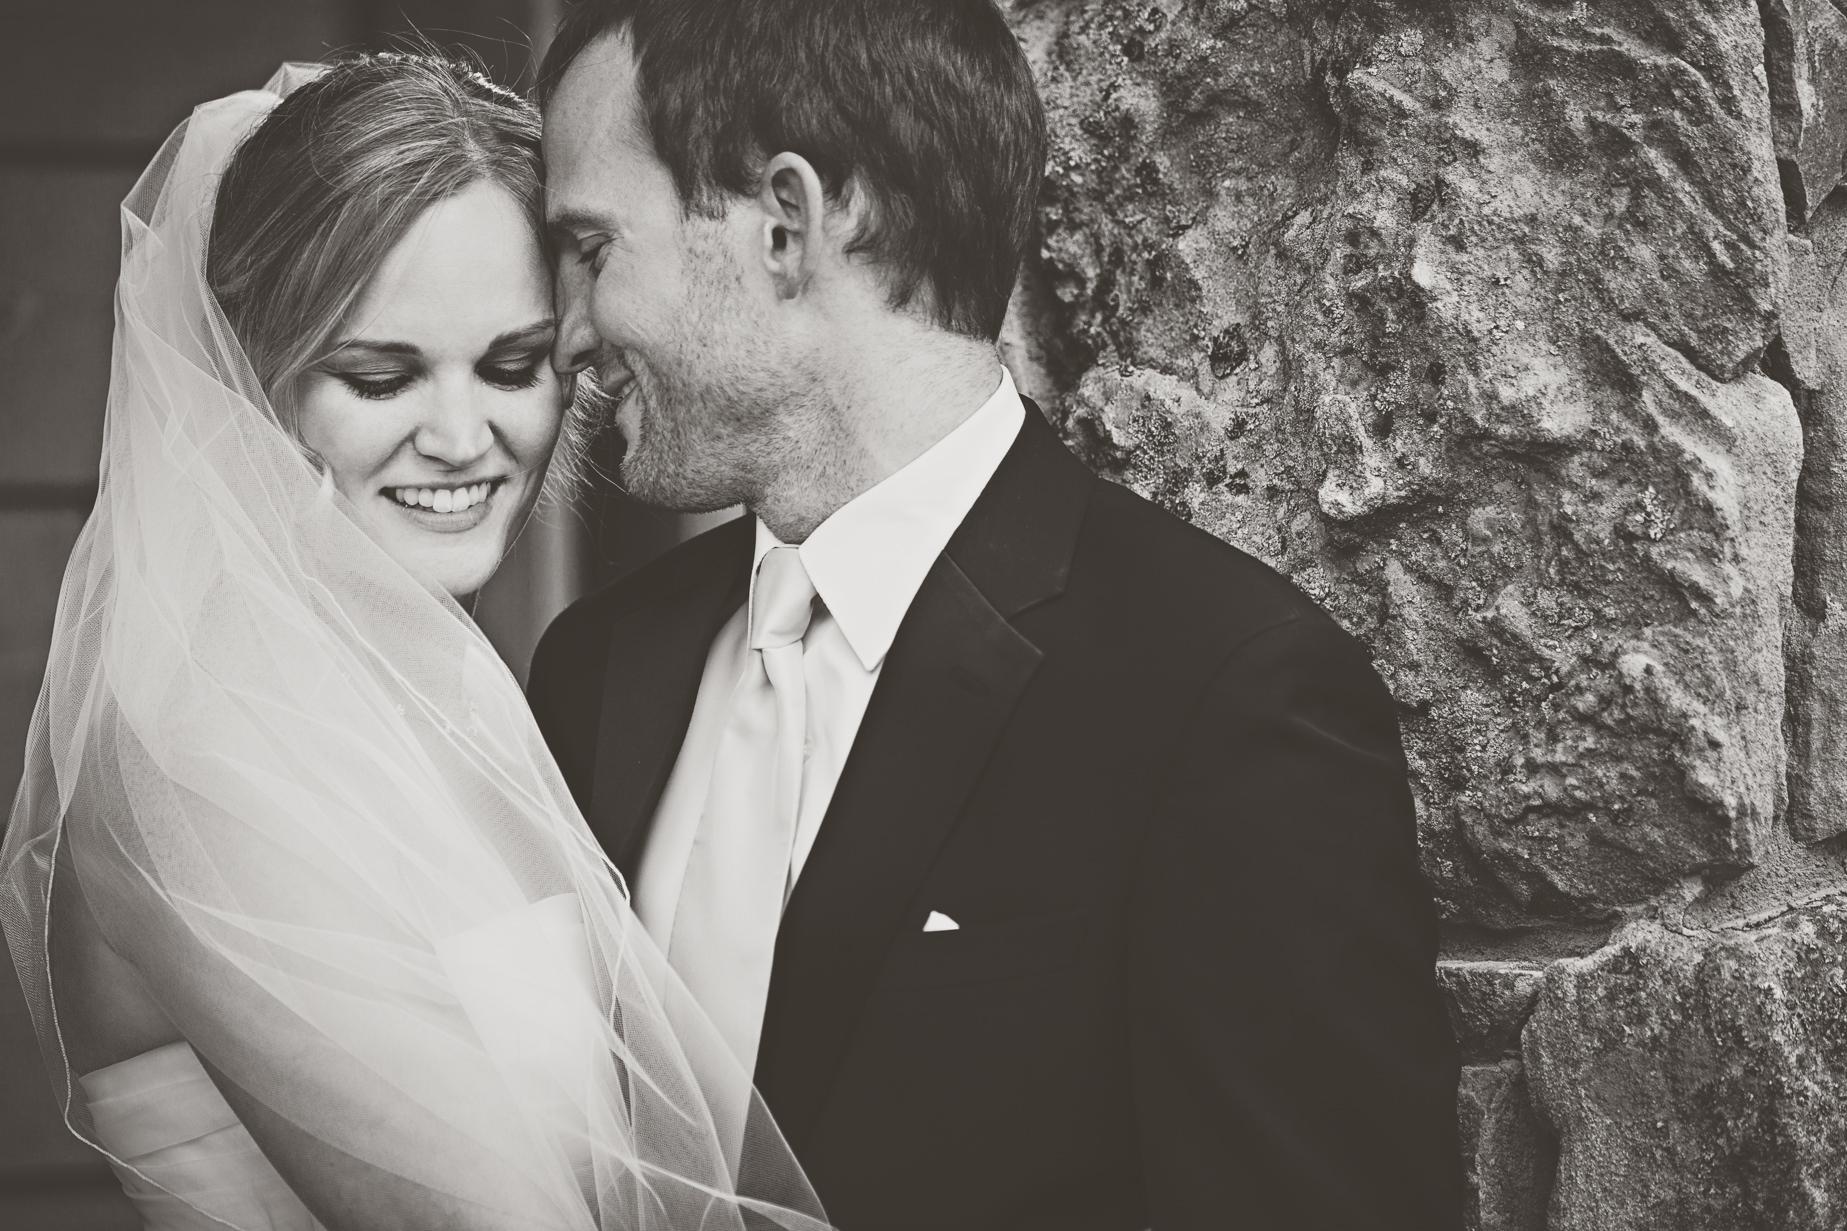 big-sky-resort-wedding-groom-kisses-brides-cheek.jpg